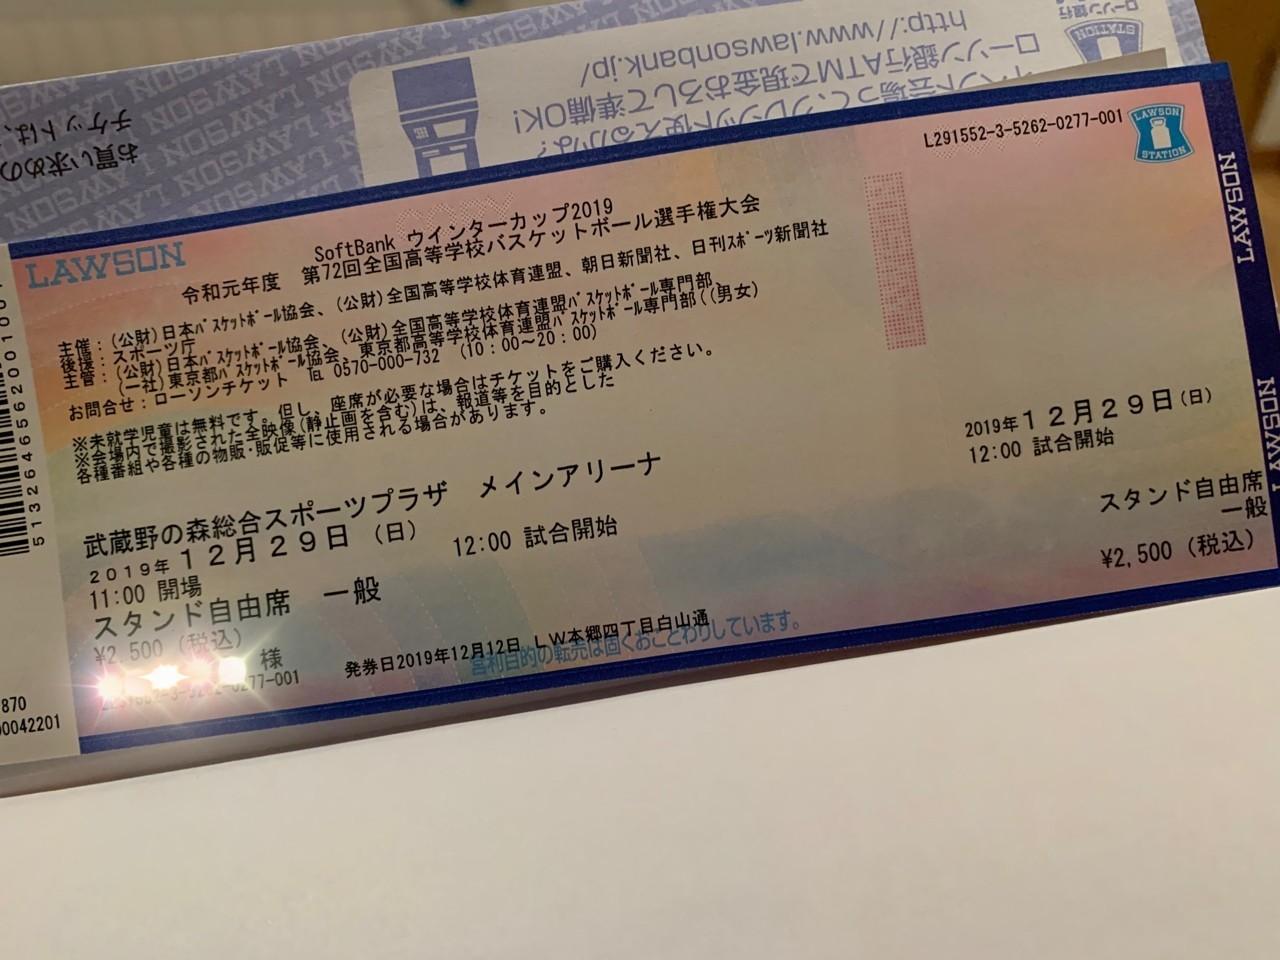 ウィンター カップ チケット